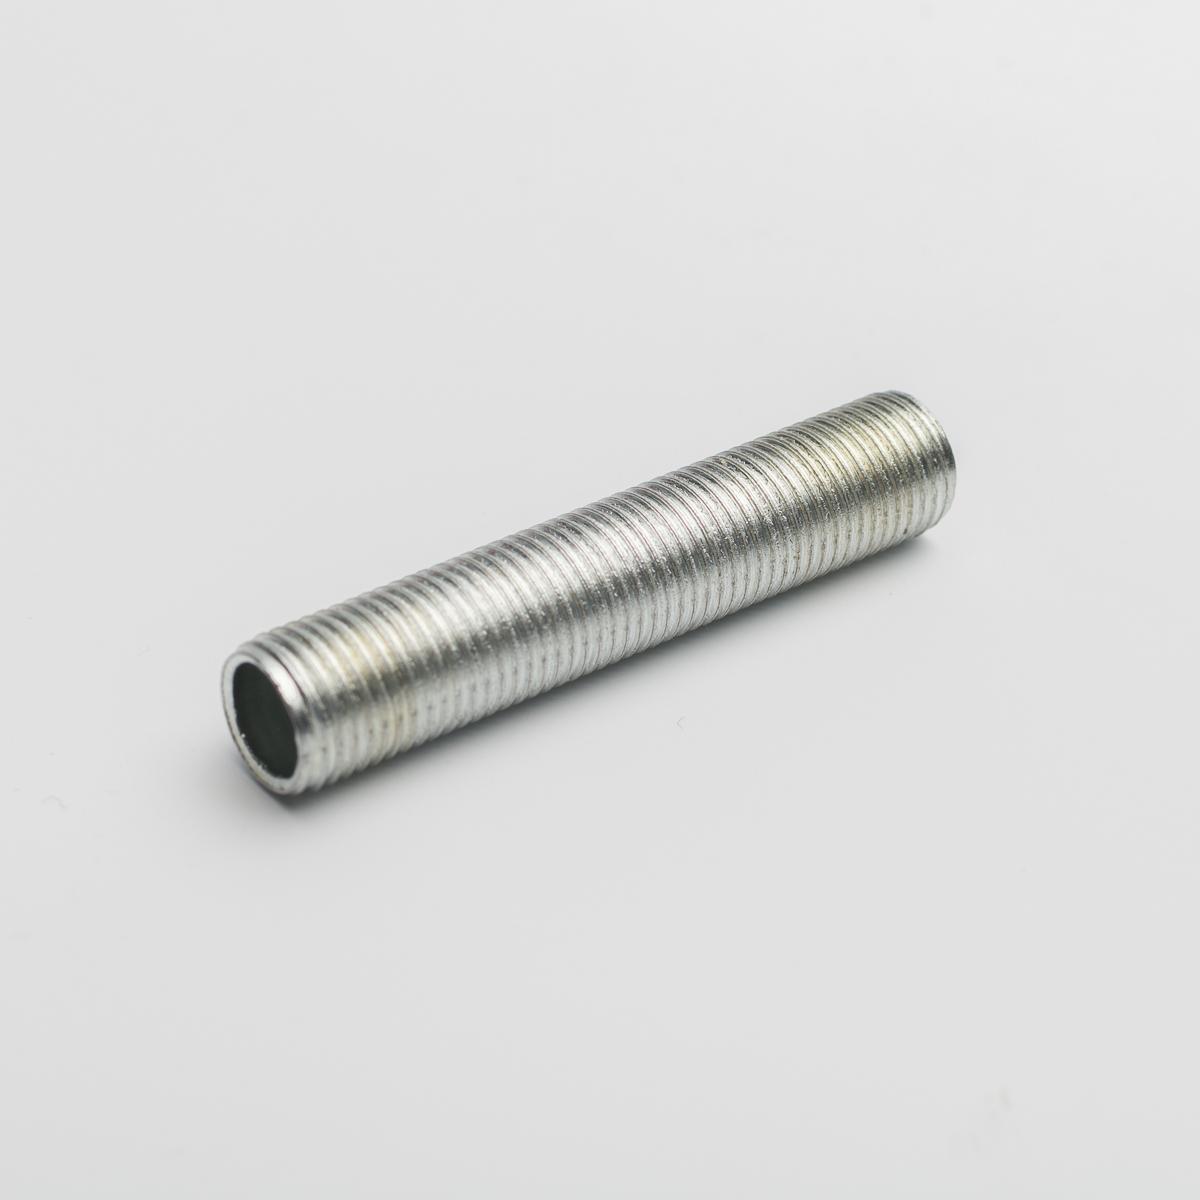 Трубка с резьбой 50 мм